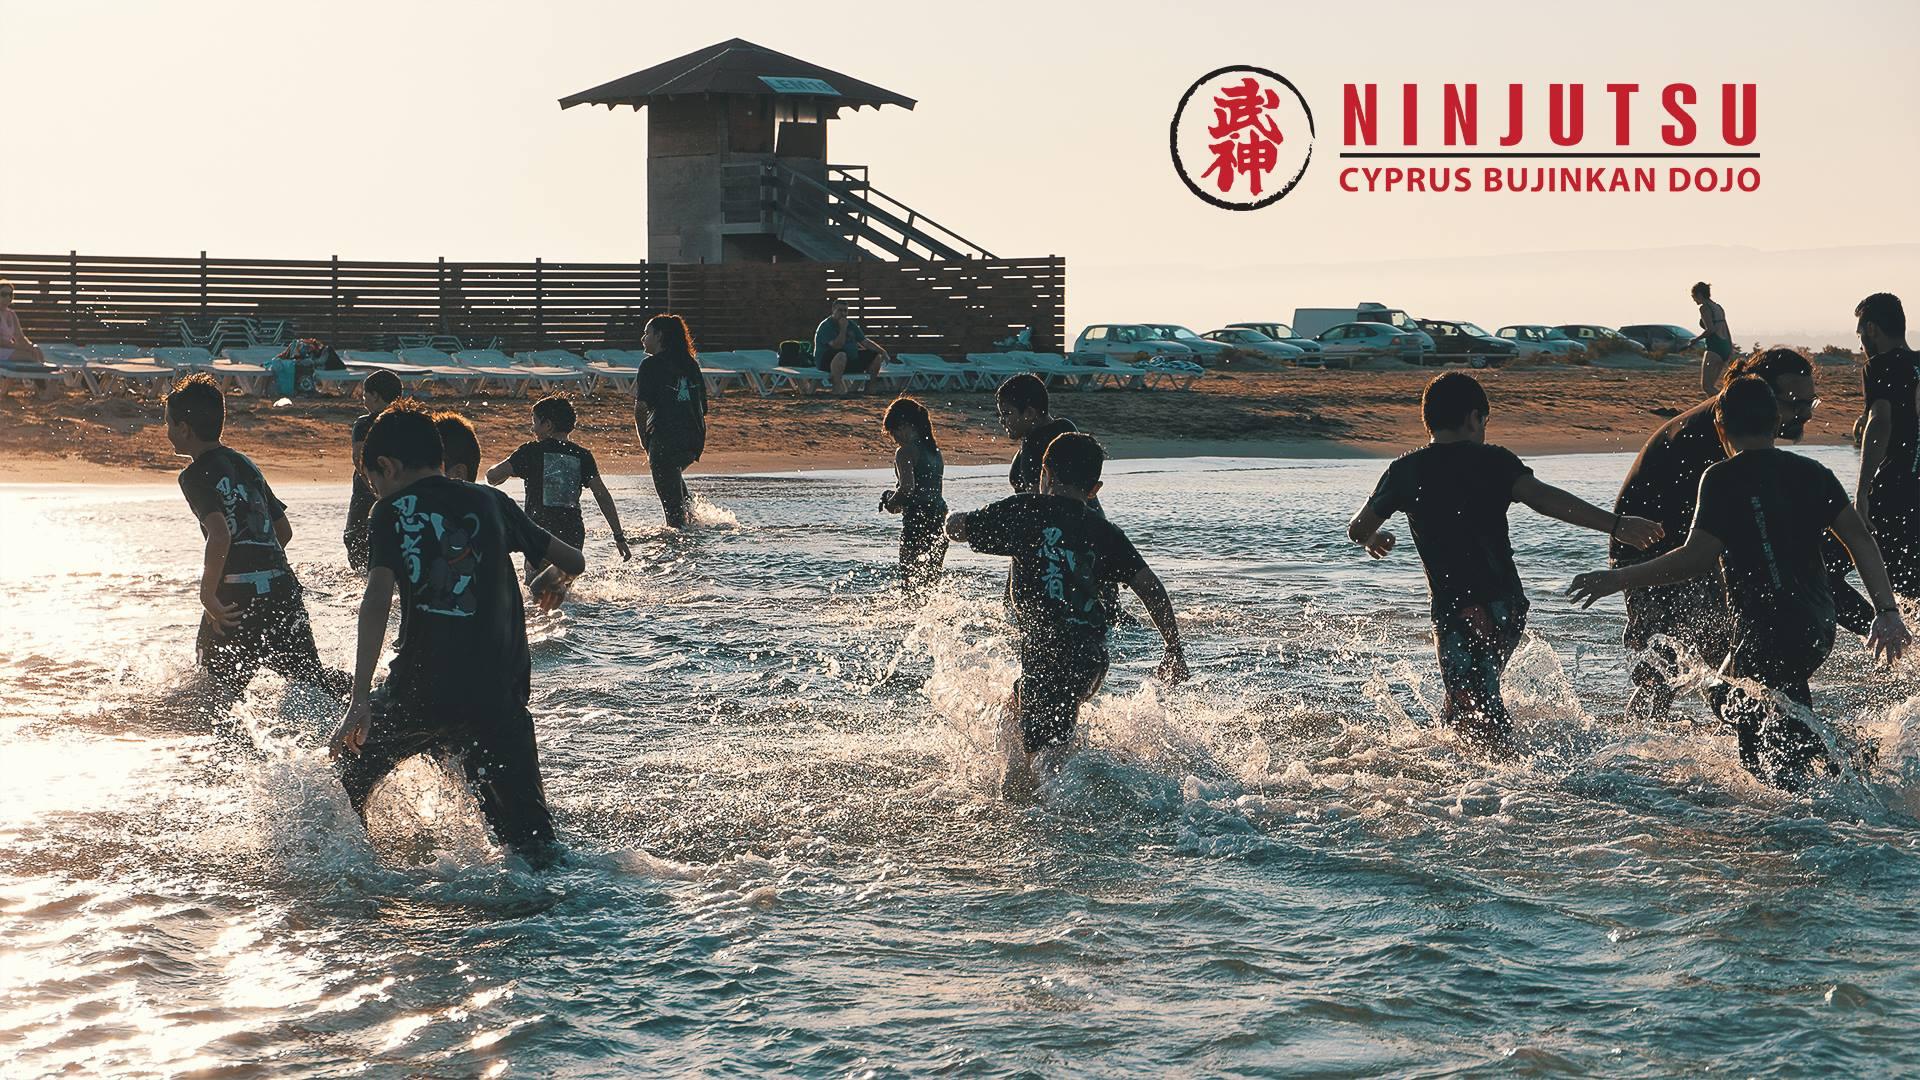 ninjutsu-cyprus-bujinkan-dojo-cyprus-8